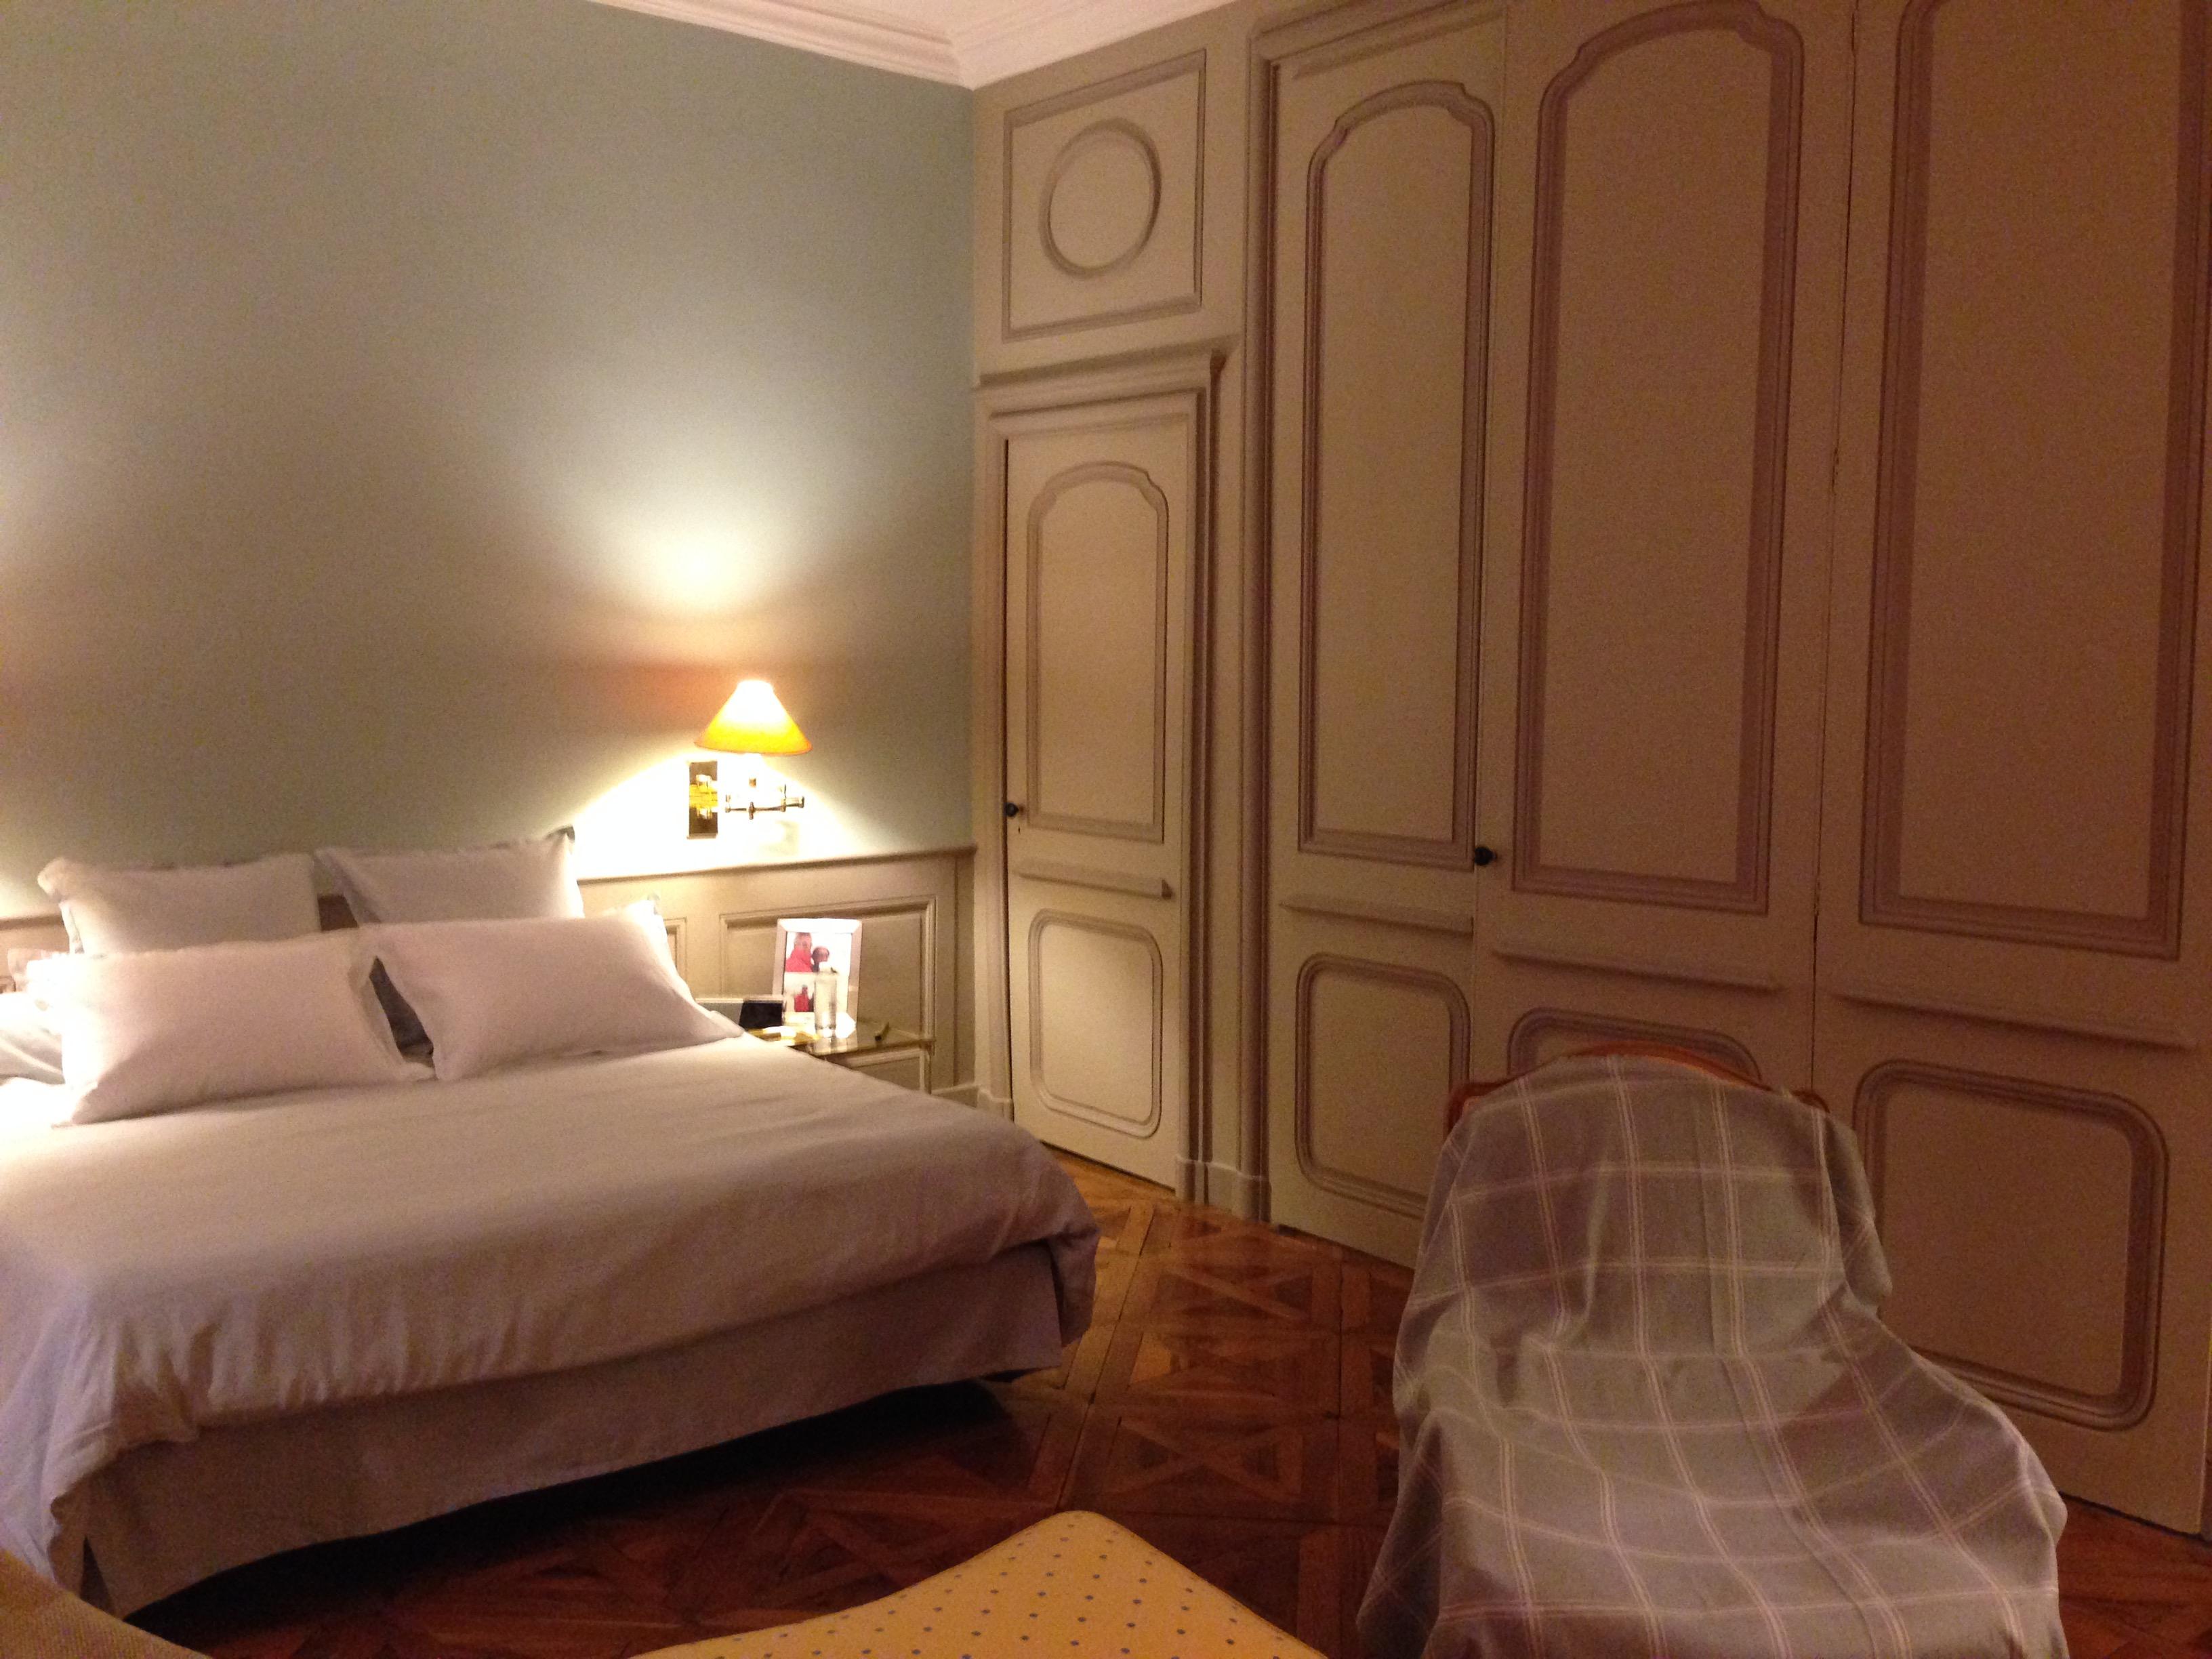 Rénovation de placards, peinture et finitions de la chambre complète